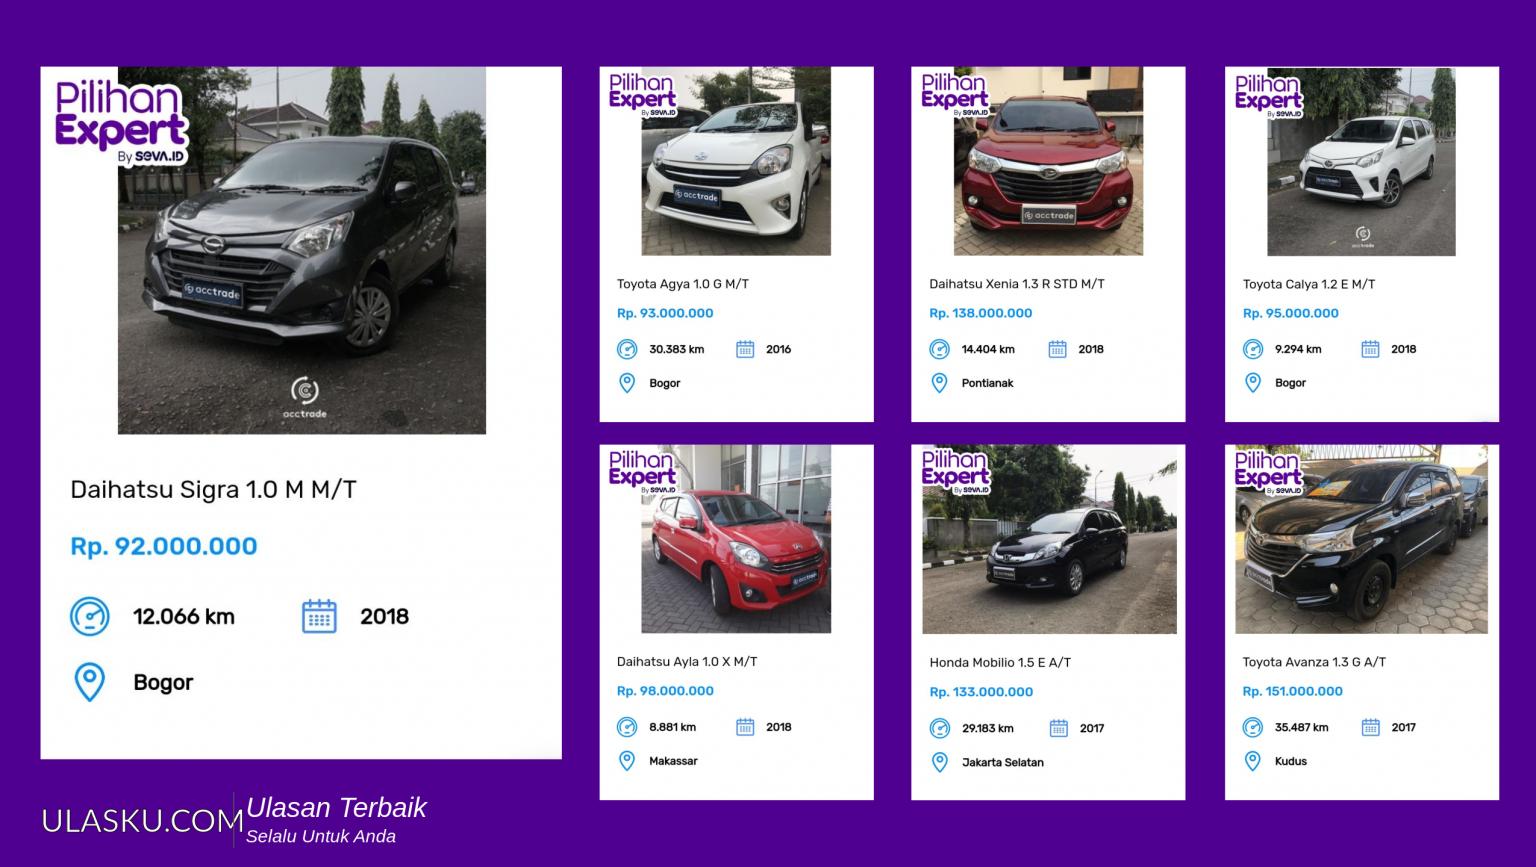 daftar-harga-seva-mobil-terbaru-2020